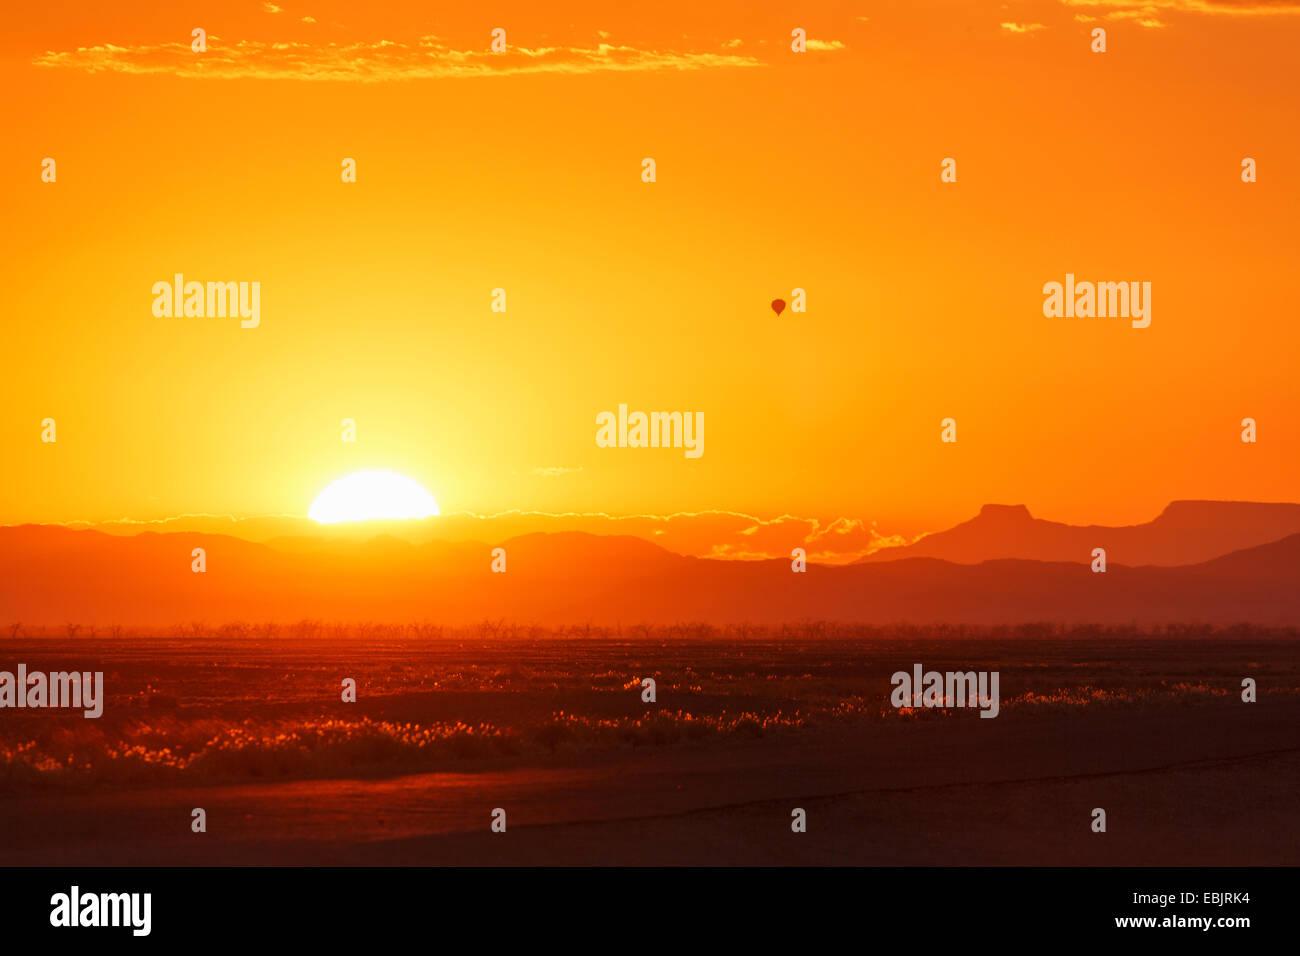 Namibian sunset - Stock Image